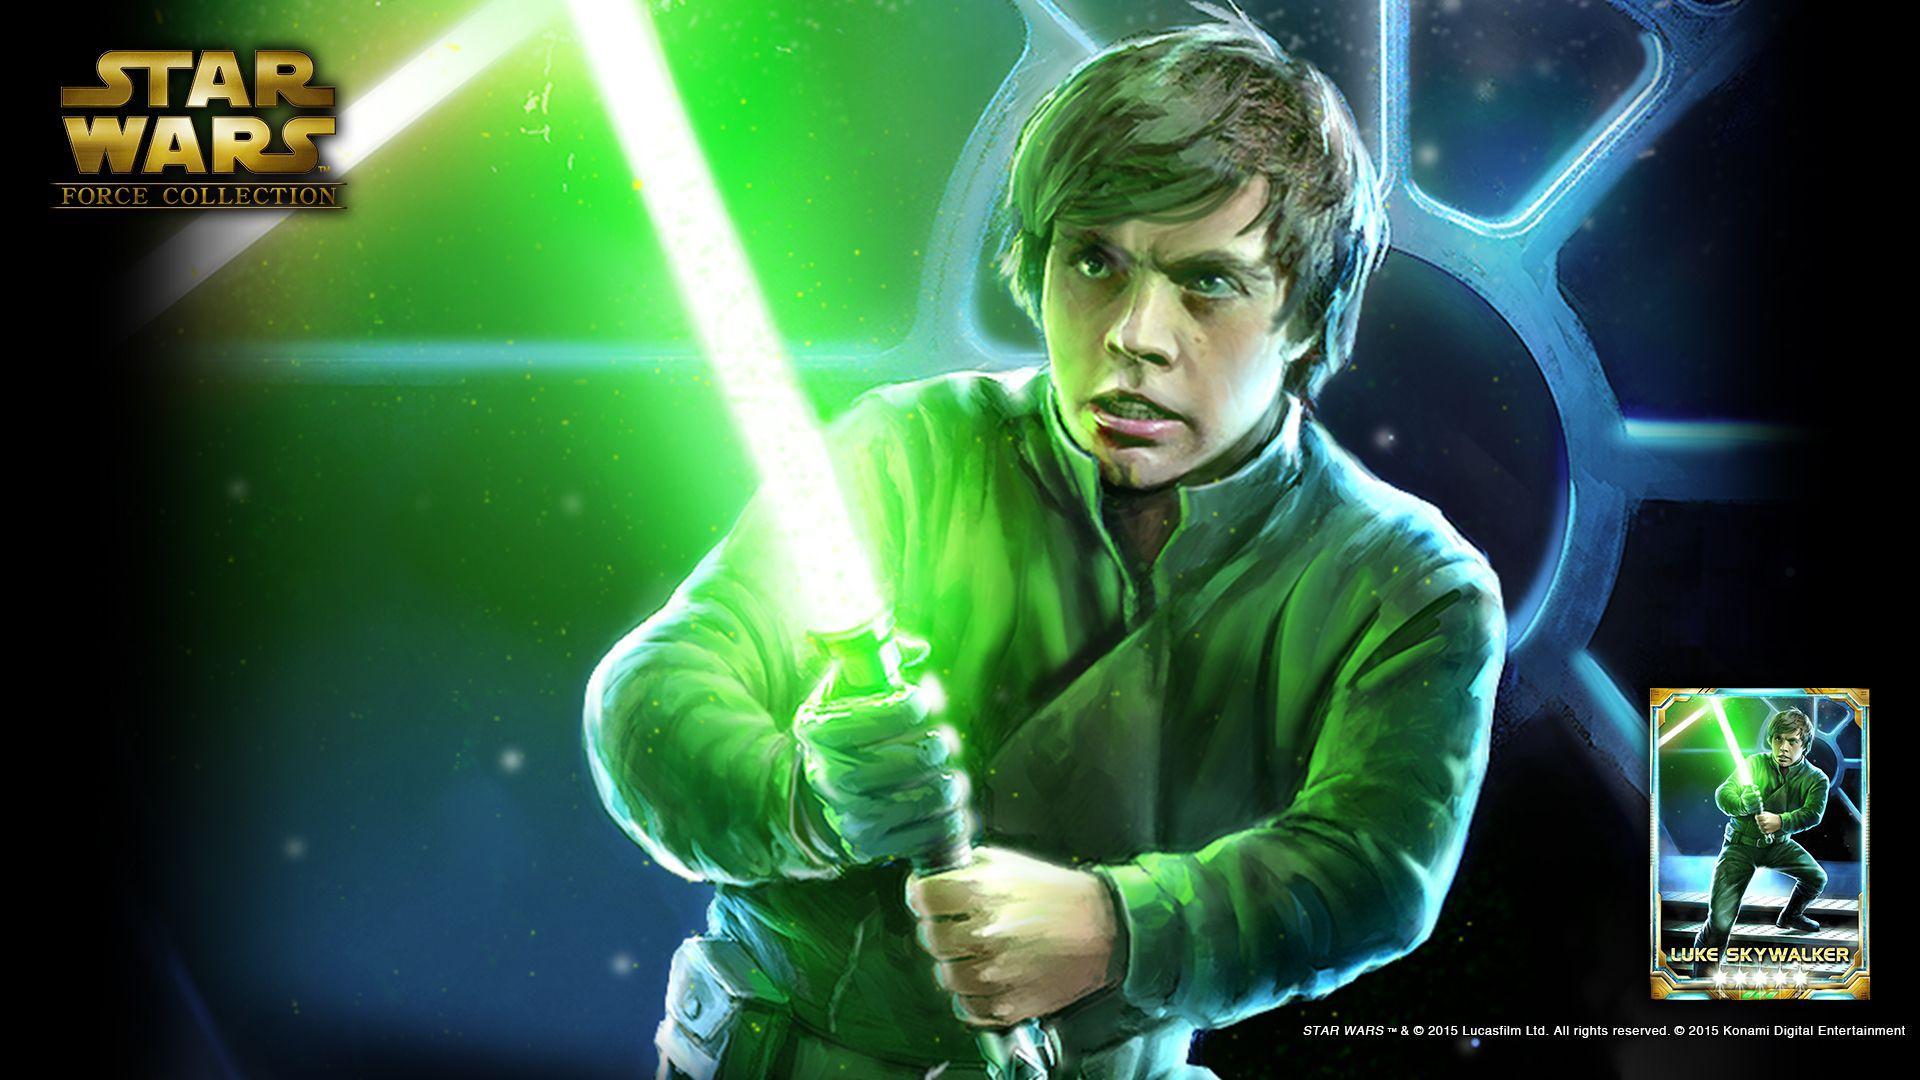 Luke Skywalker Wallpapers Top Free Luke Skywalker Backgrounds Wallpaperaccess